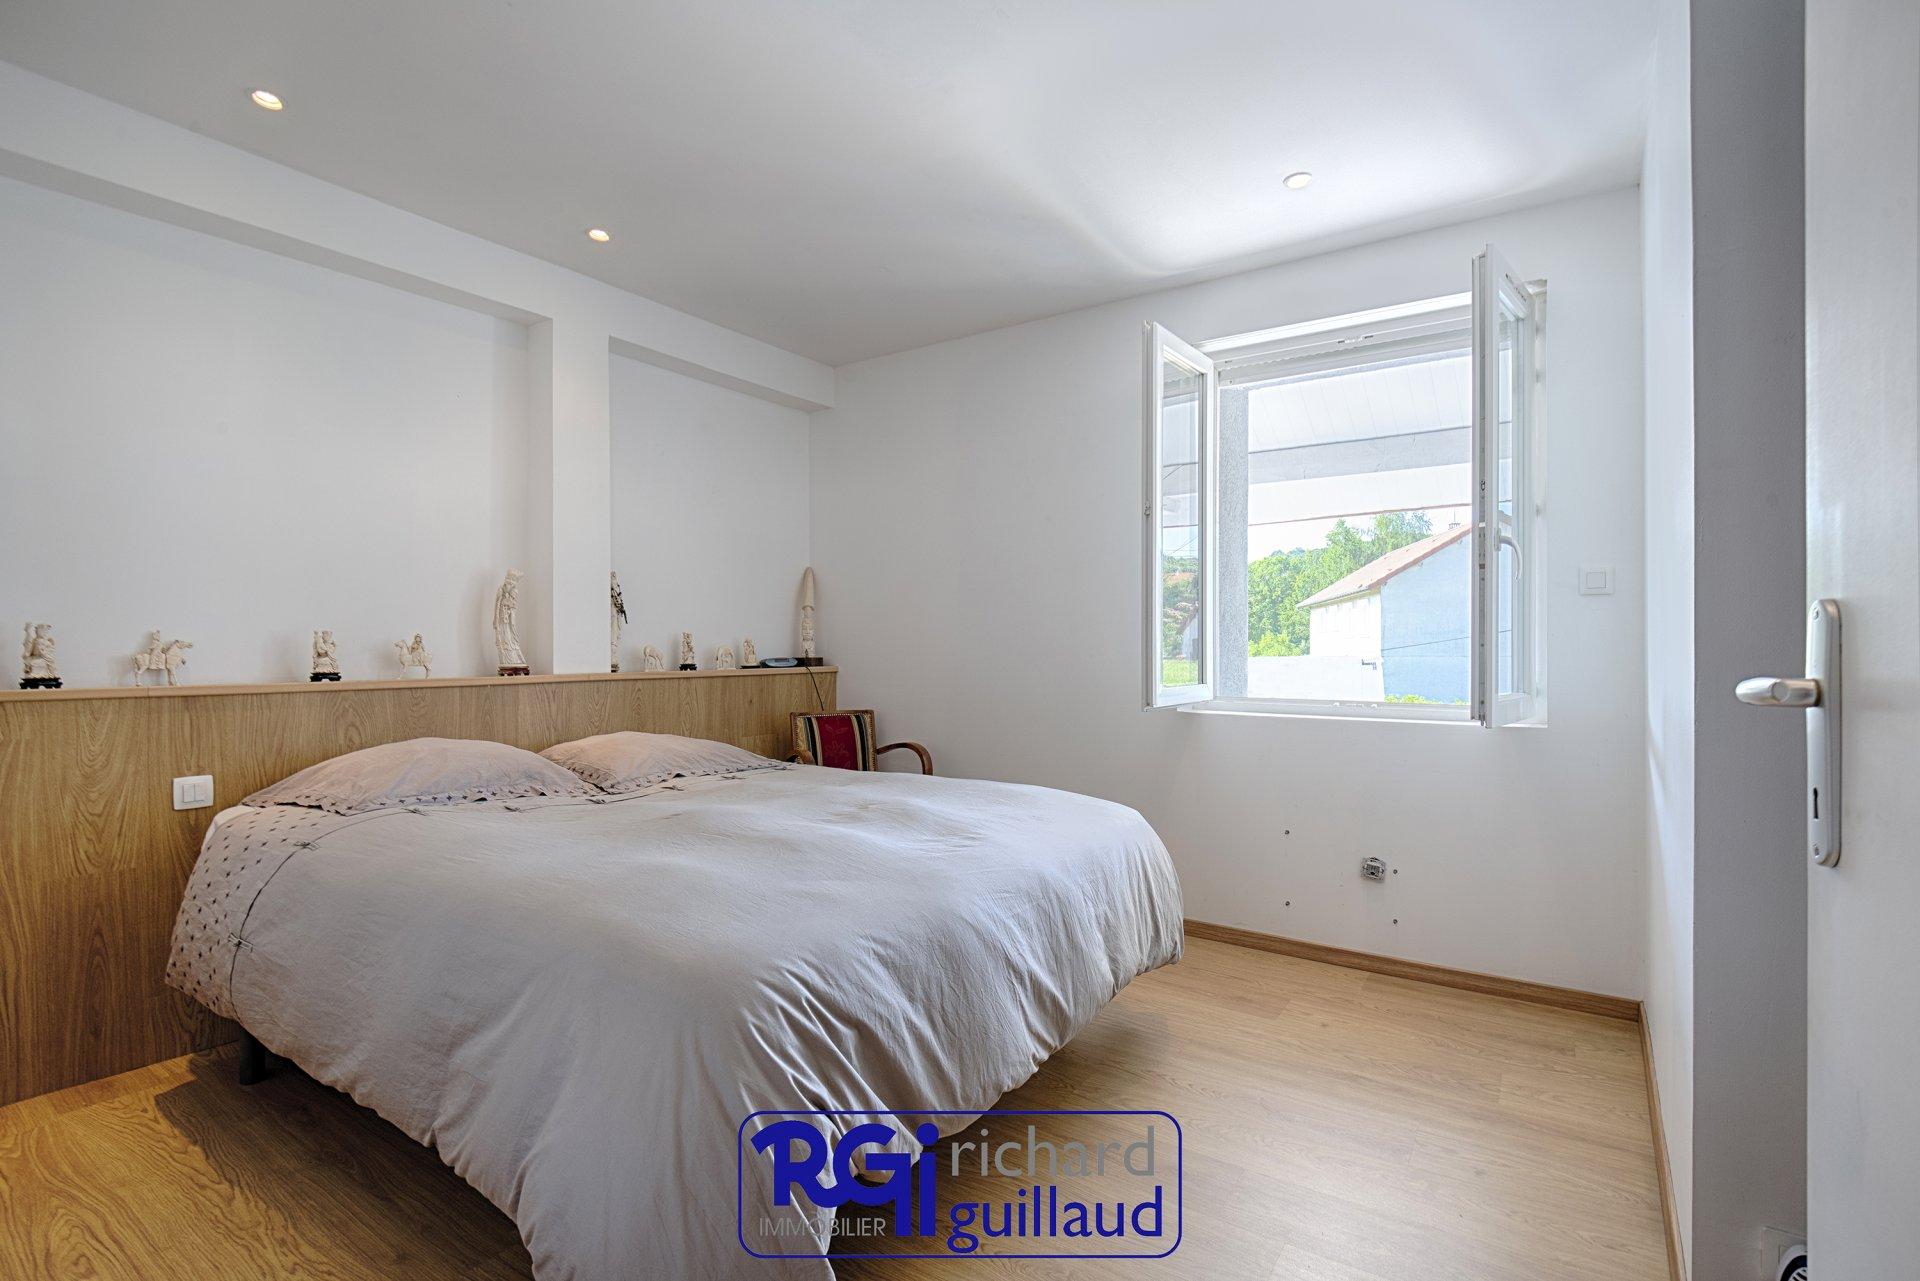 Maison 5 CHAMBRES - 250 m²